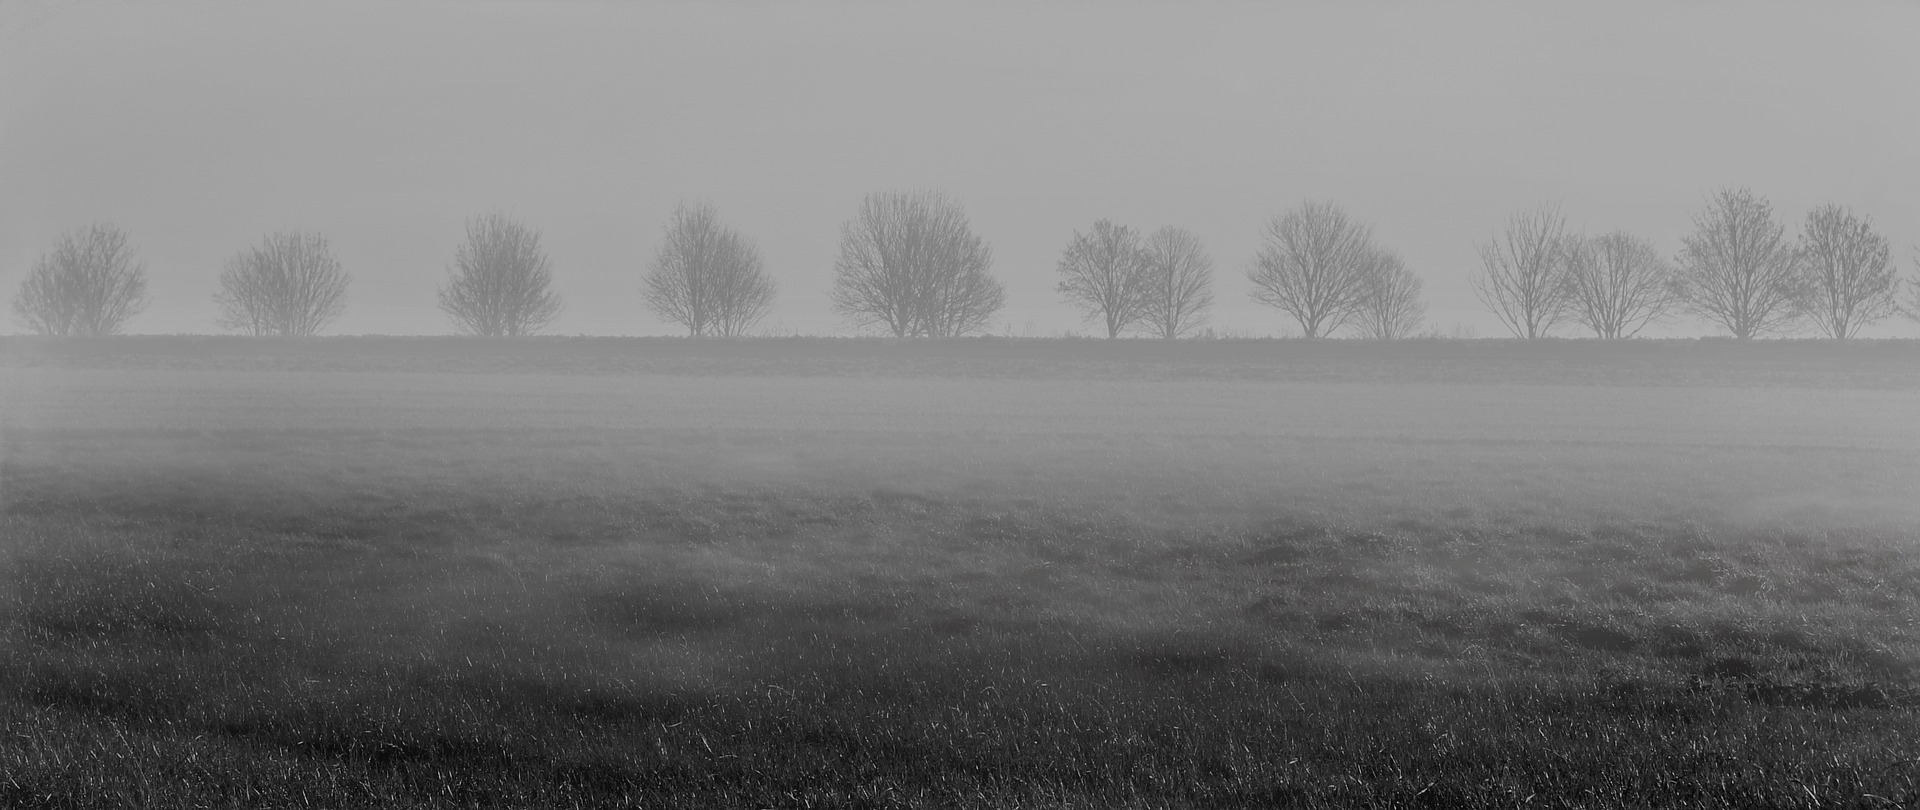 Träd utan löv i dimma